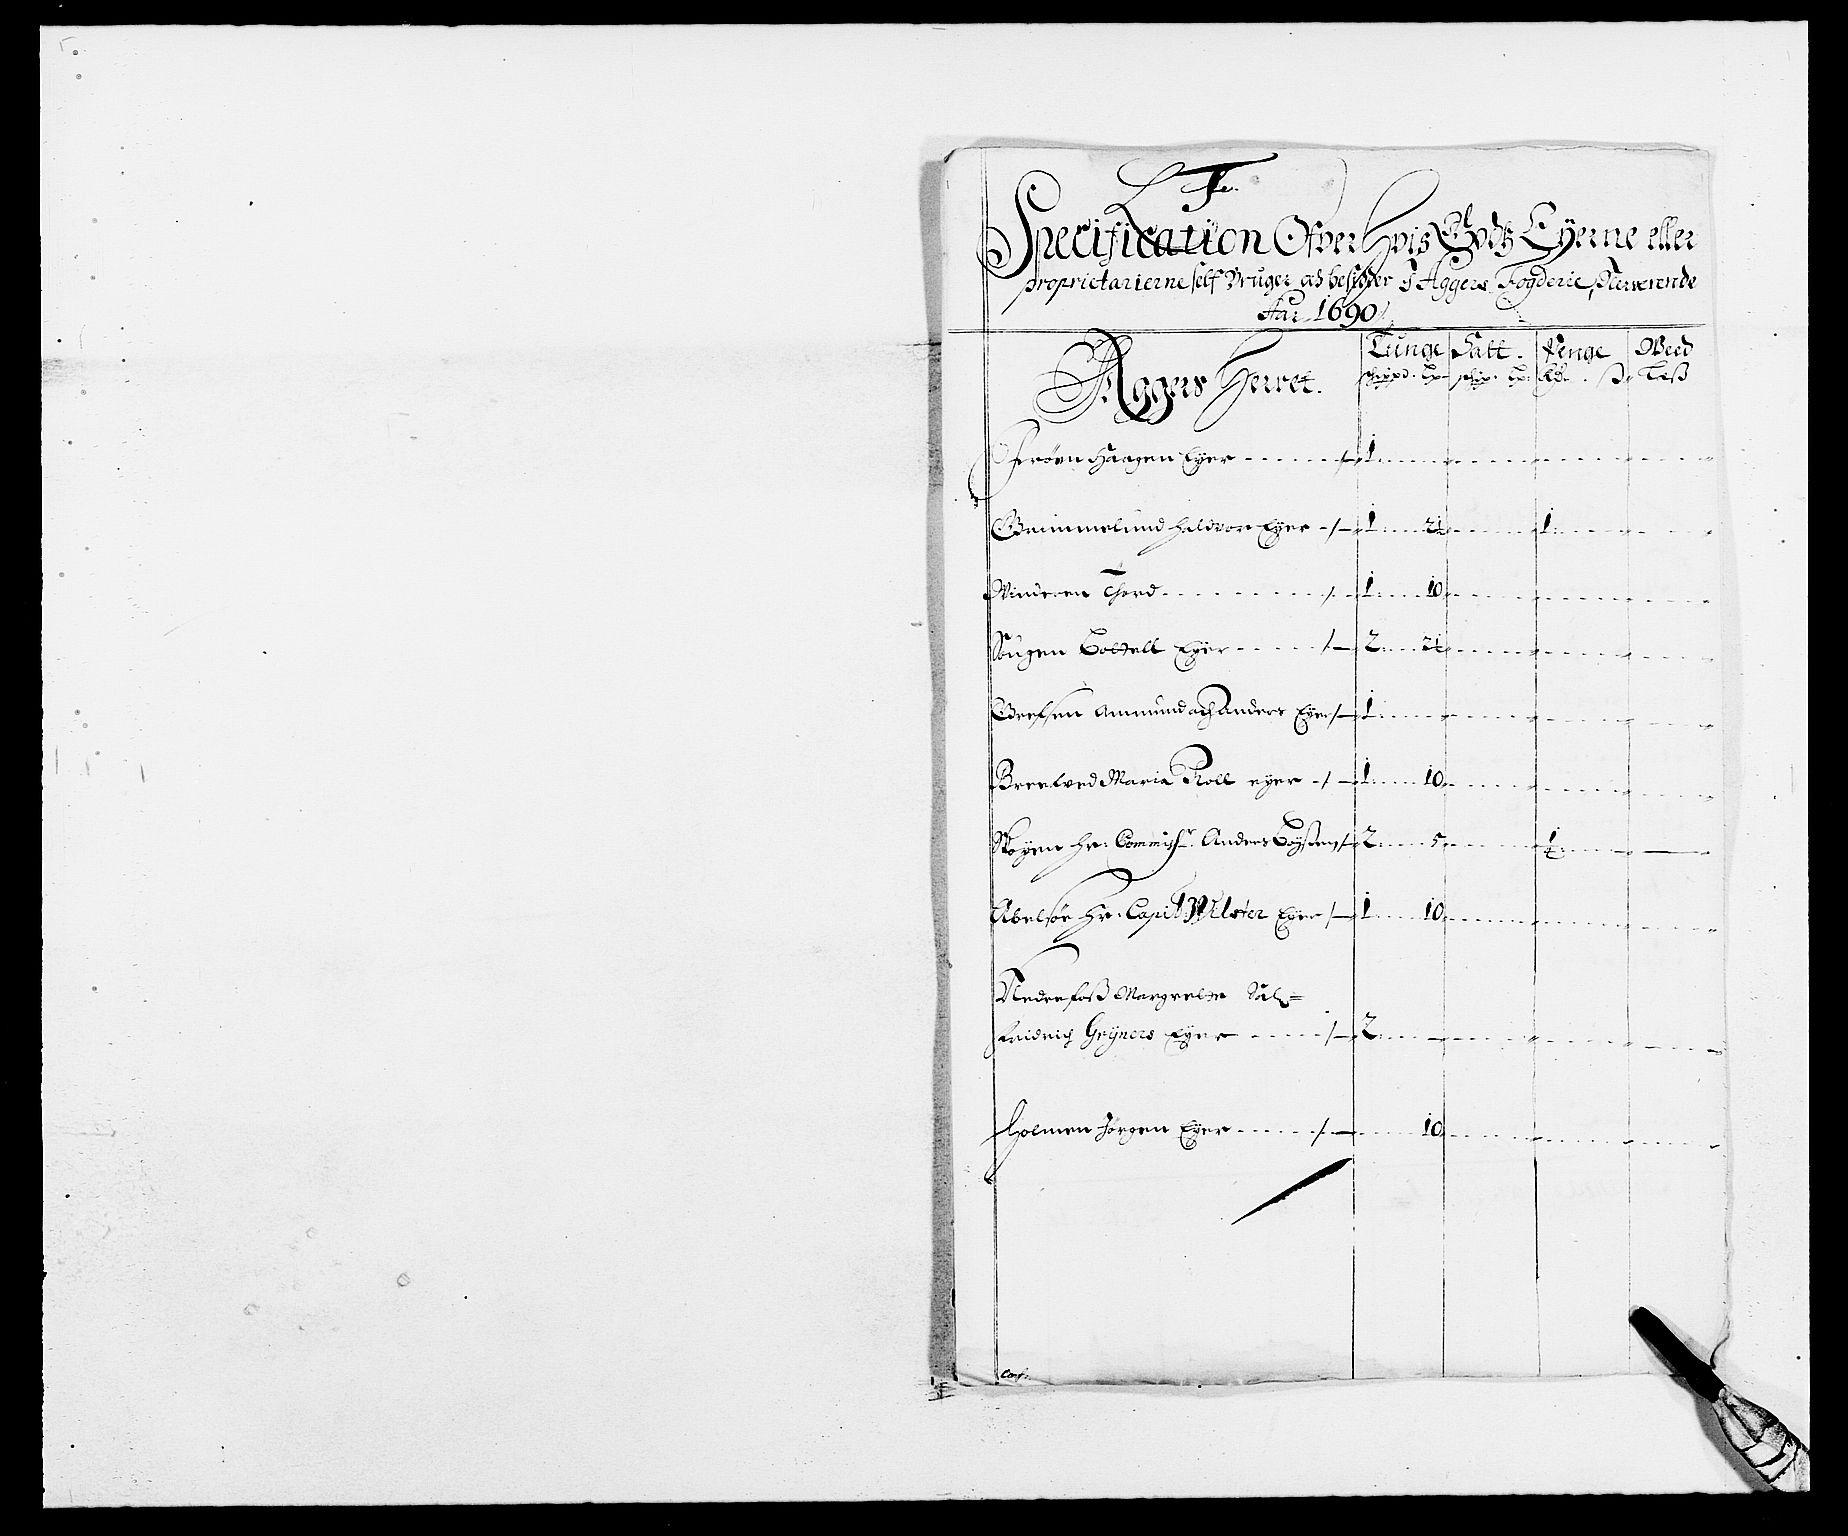 RA, Rentekammeret inntil 1814, Reviderte regnskaper, Fogderegnskap, R08/L0423: Fogderegnskap Aker, 1687-1689, s. 200